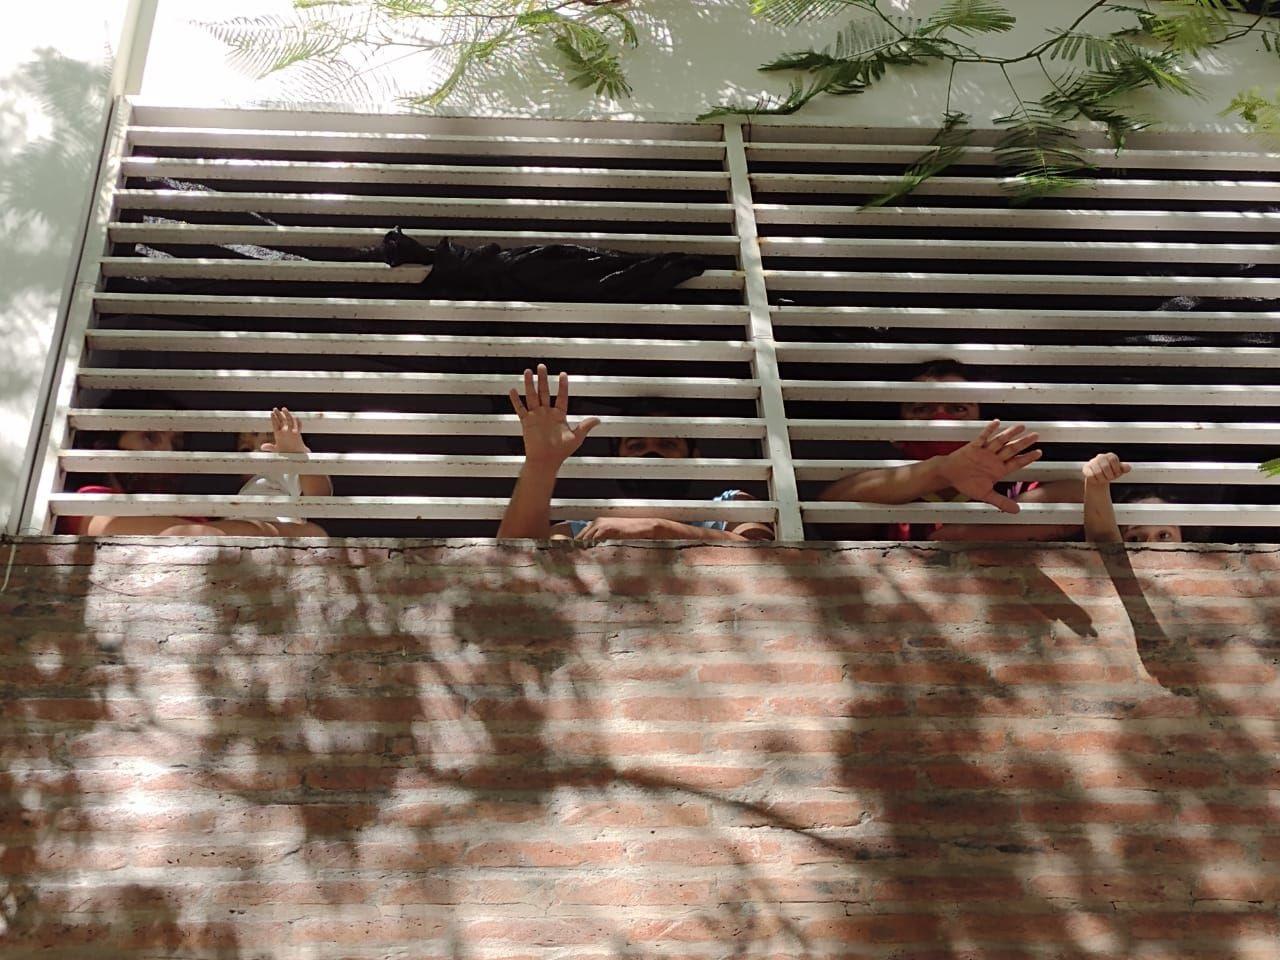 Video: impactante video de aislados encerrados tras las rejas en Formosa.